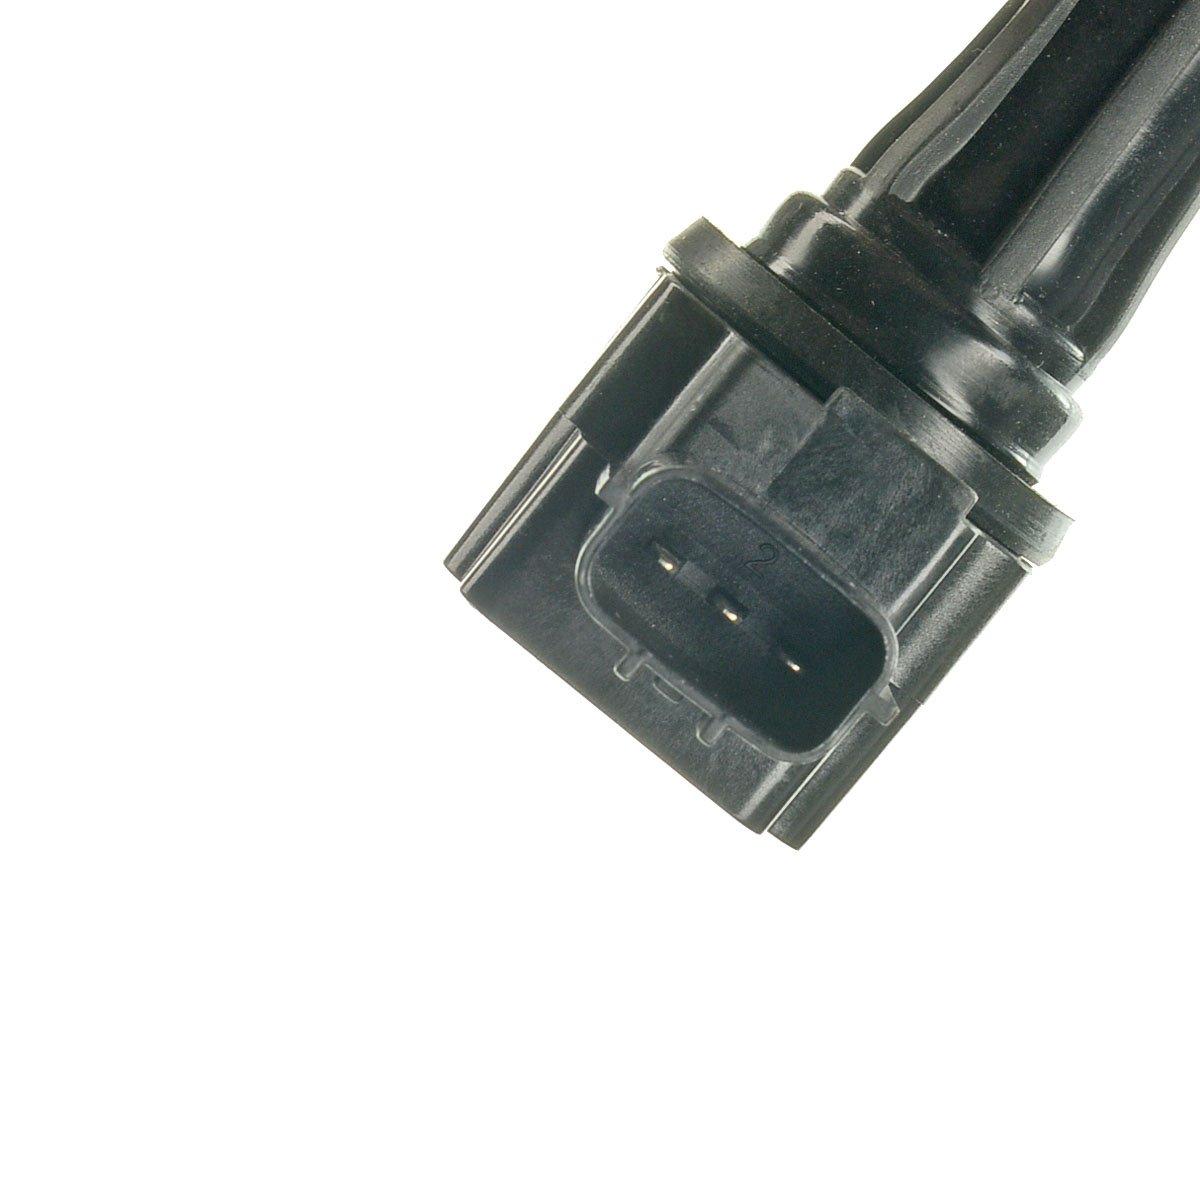 2014 L4 1.5L PremiumpartsWhosale 2012 2013 A-Premium Ignition Coil Pack for Mazda 2 2011